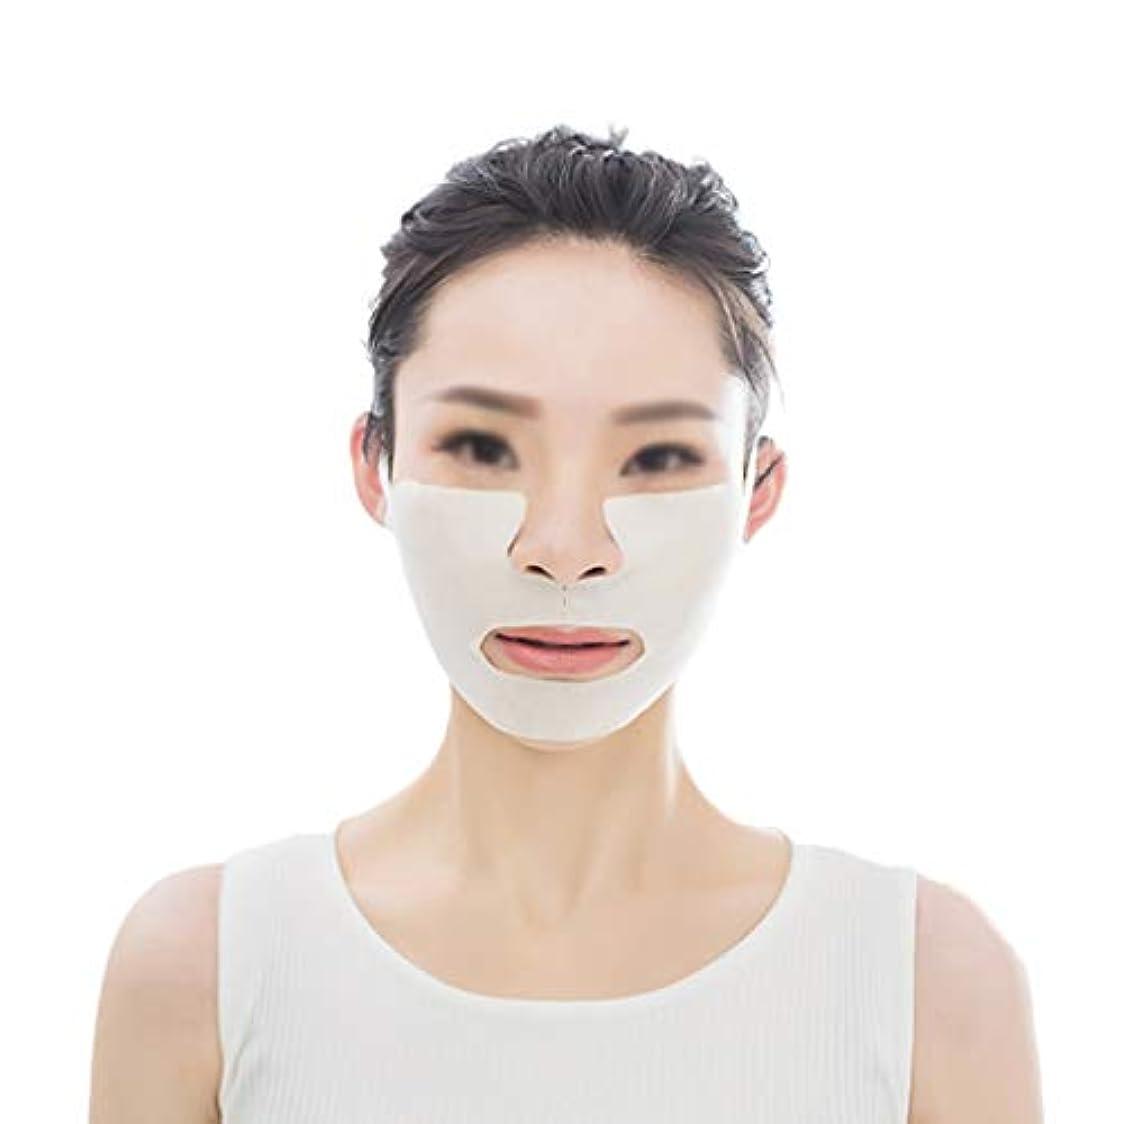 すべて良性分配しますフェイシャルスリミング、薄いフェイスマスク、下顎咬筋のあごを改善してフェイシャルラインを形成する、5箱、フェイスマスクの3箱